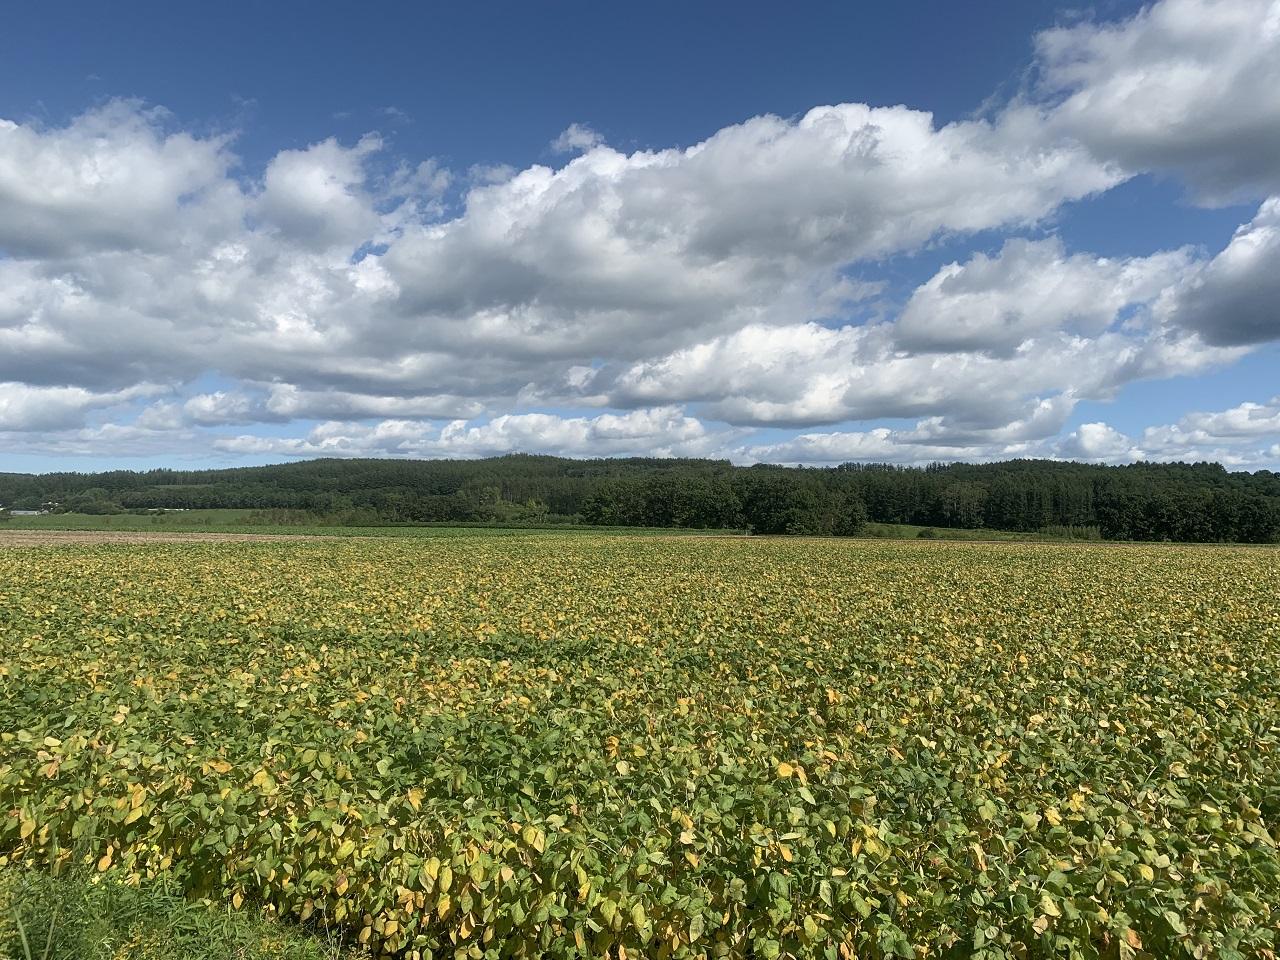 農地は作物収穫を目的に人力で農耕し、自然の草原ではない。